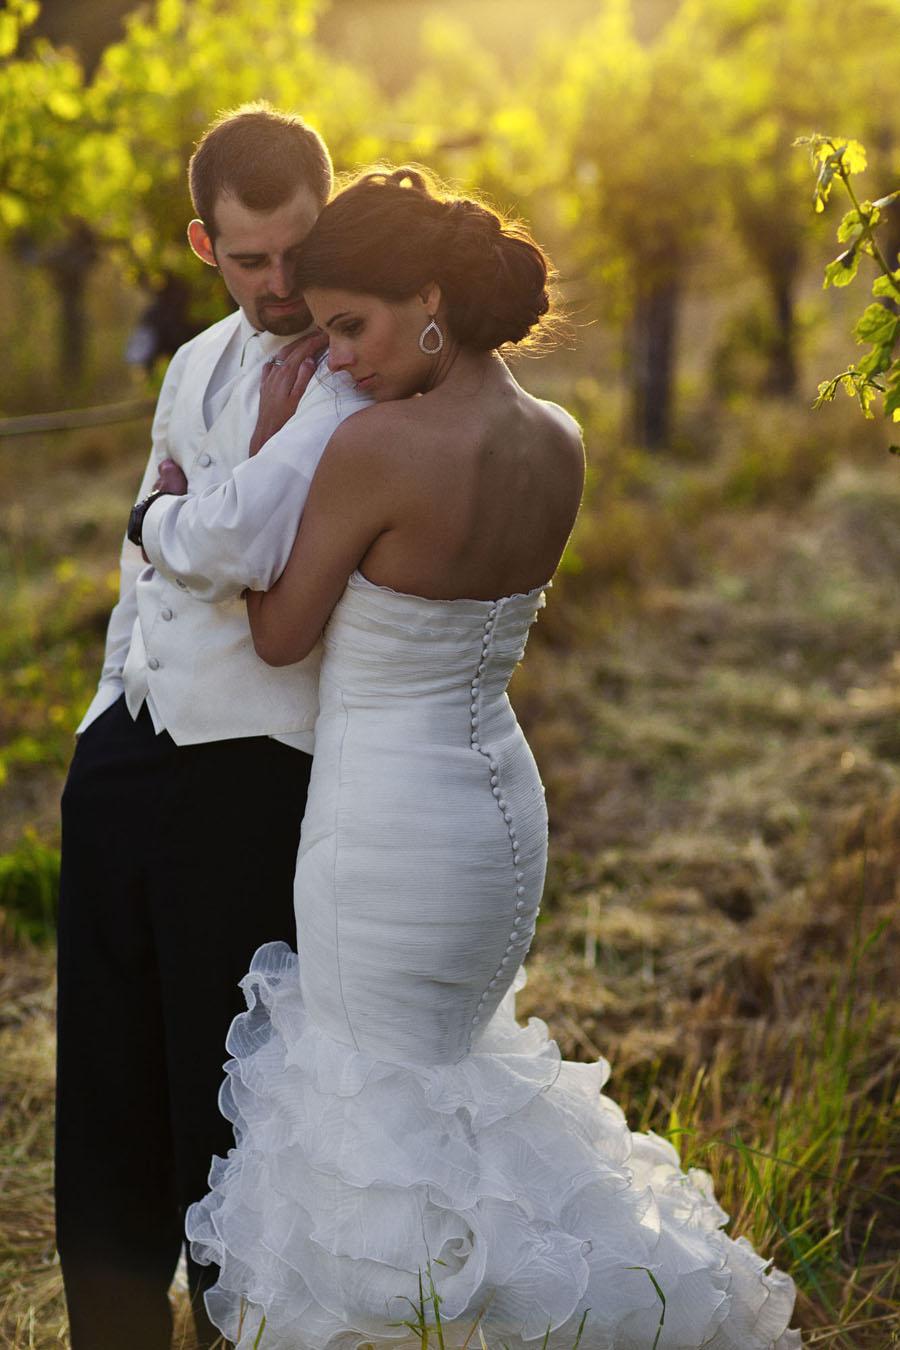 Hans Fahden Wedding Photos » San Francisco Wedding Hans fahden wedding photos